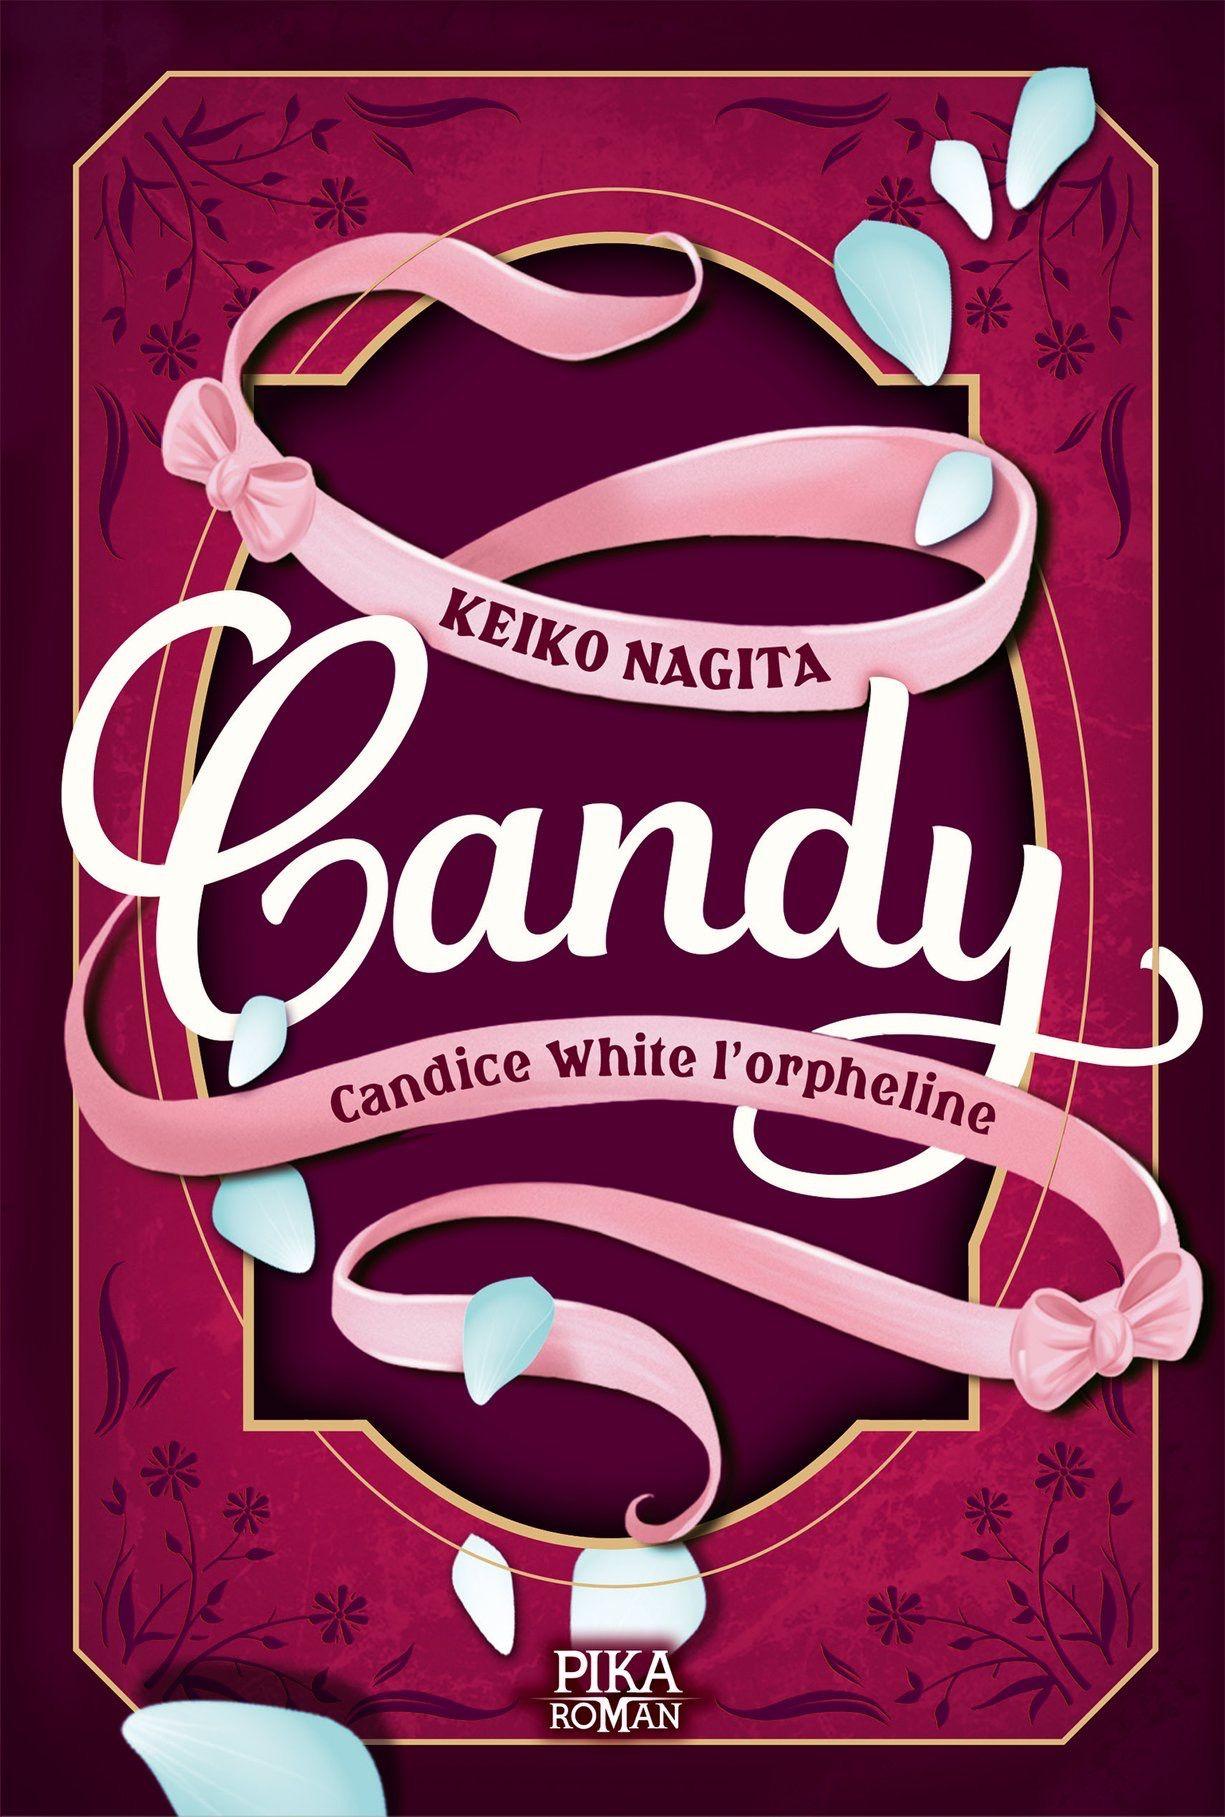 CCFS edición Francesa tomó 1 Candy, Neon signs, Tome